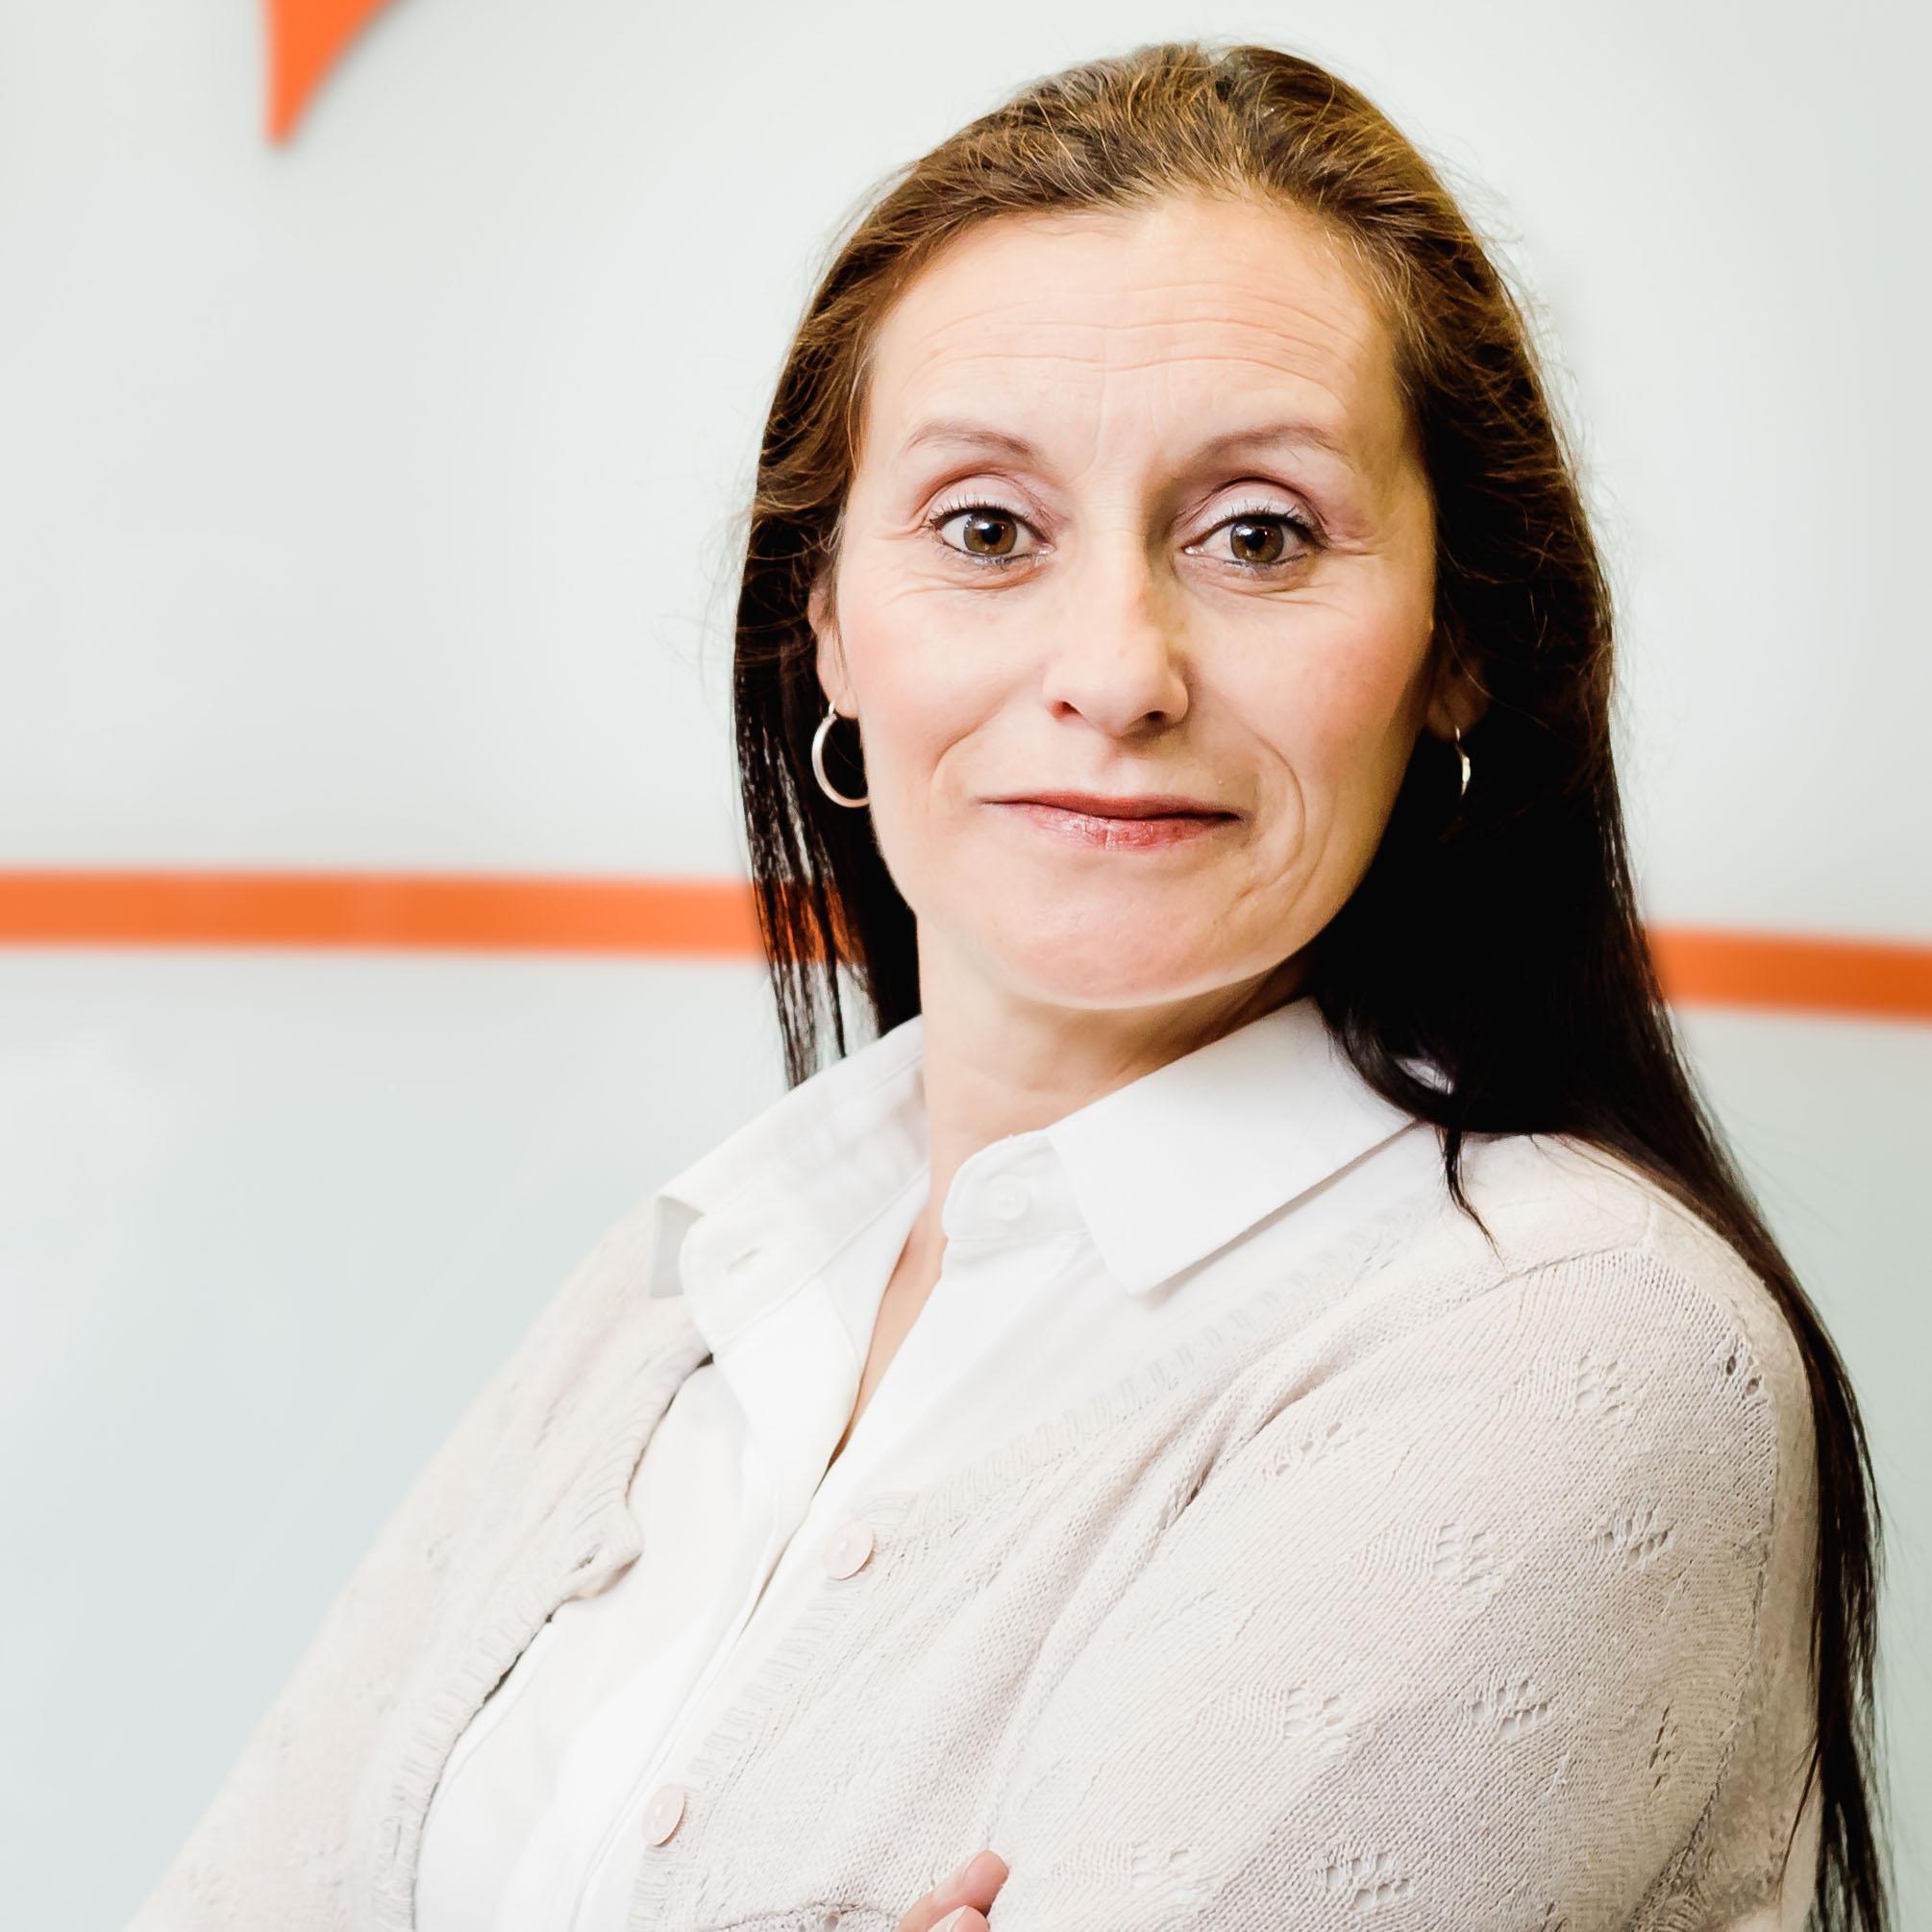 María del Pilar Botia